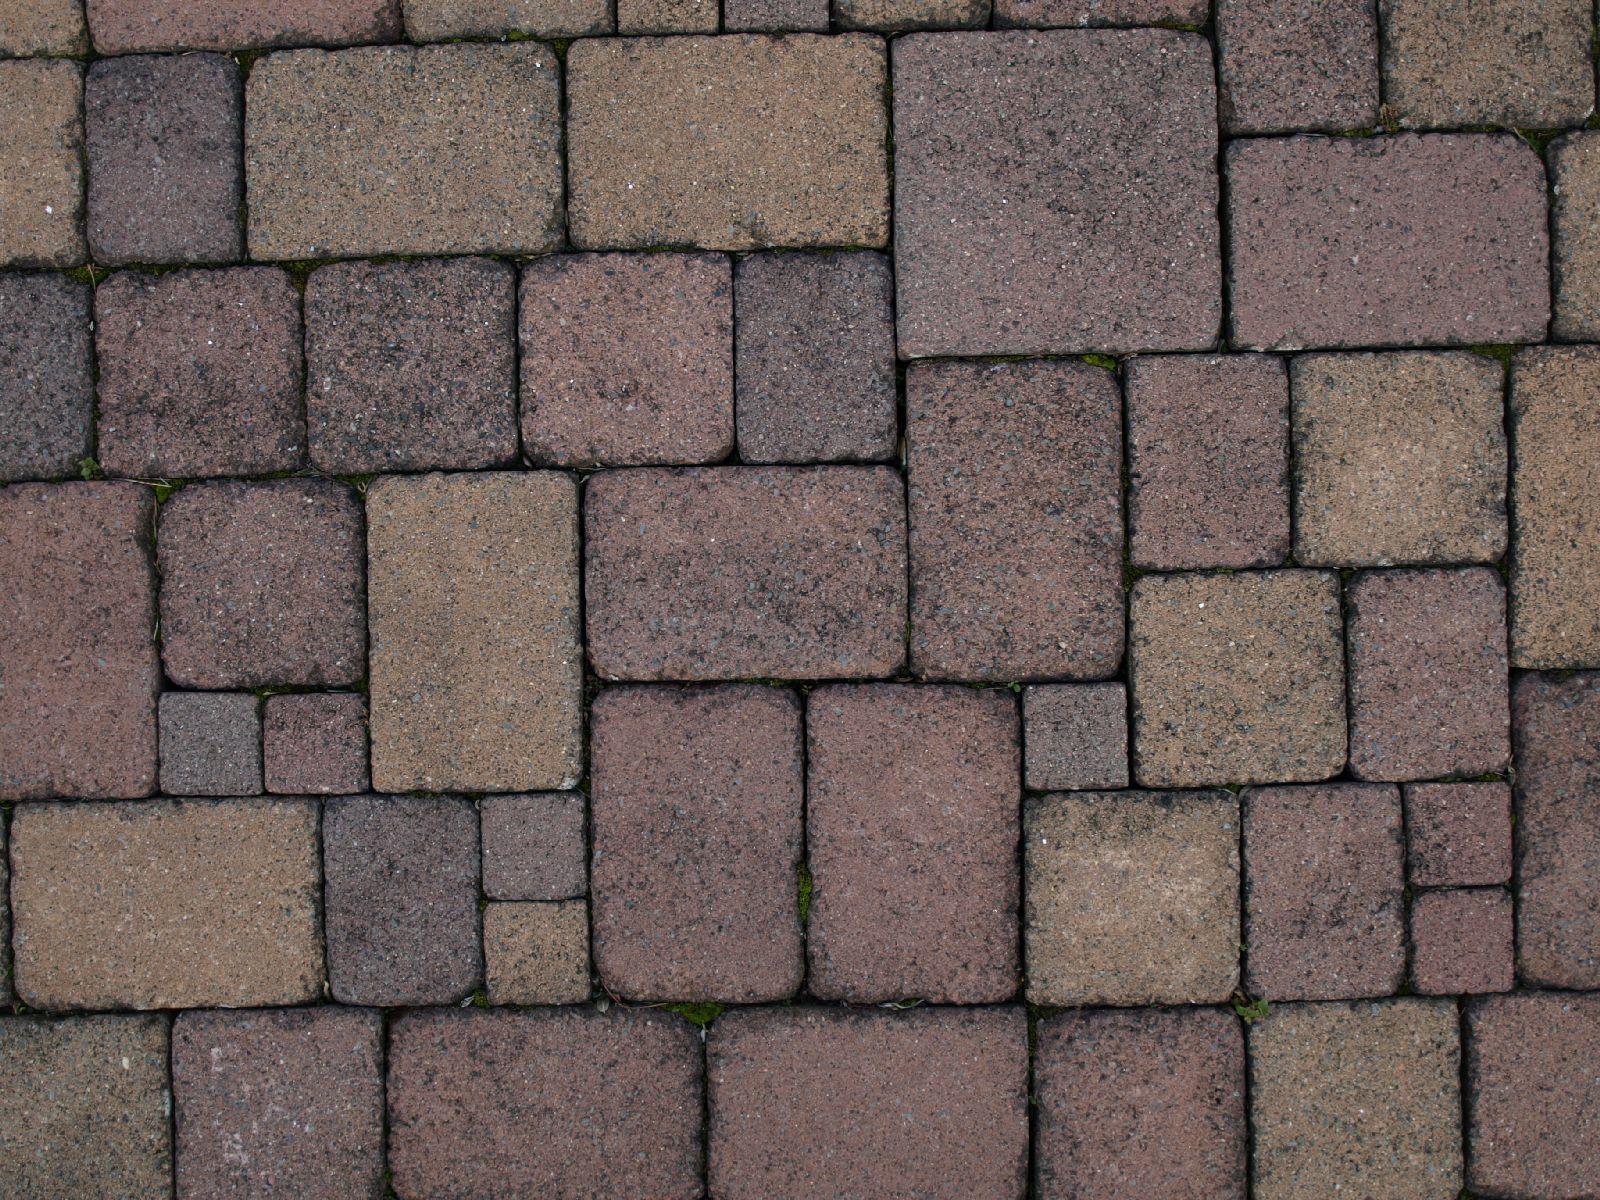 Ground-Urban_Texture_A_P9285538